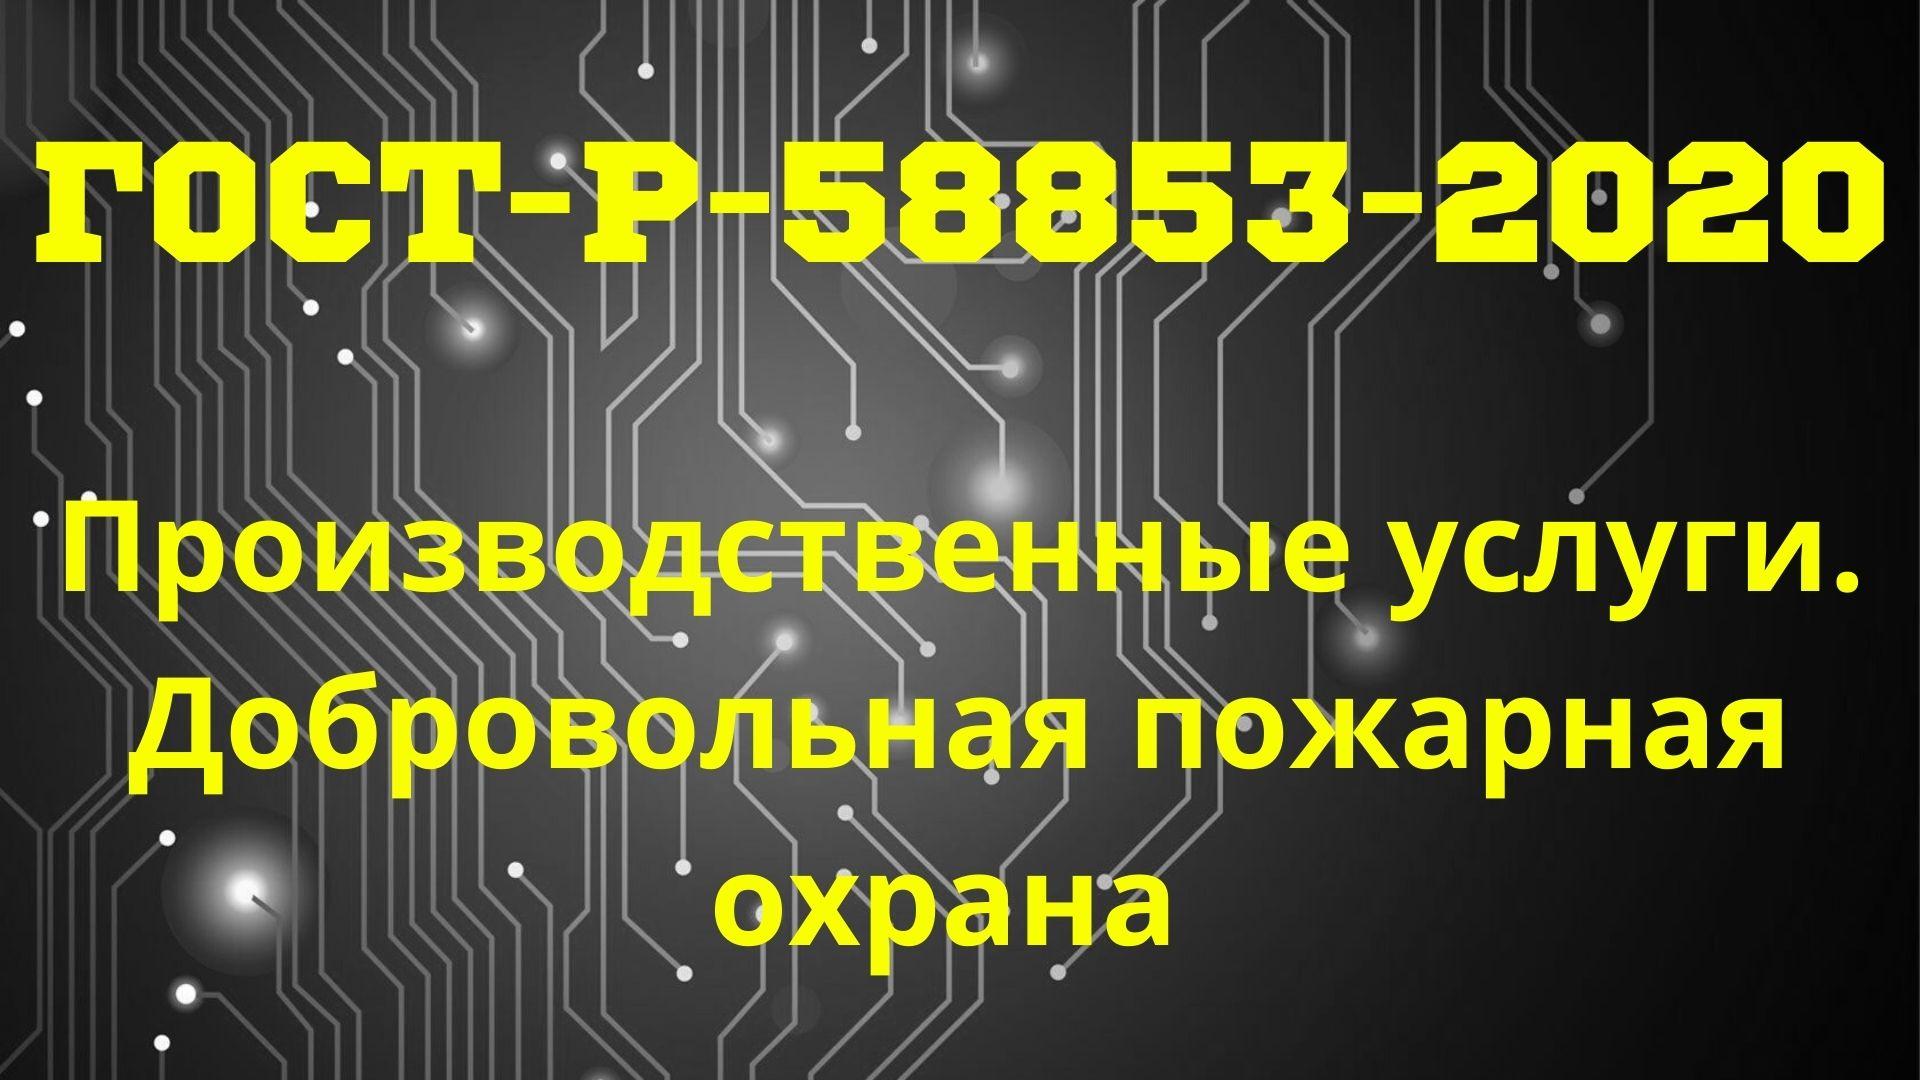 ГОСТ Р 58853-2020 - Производственные услуги. Добровольная пожарная охрана. Общие требования